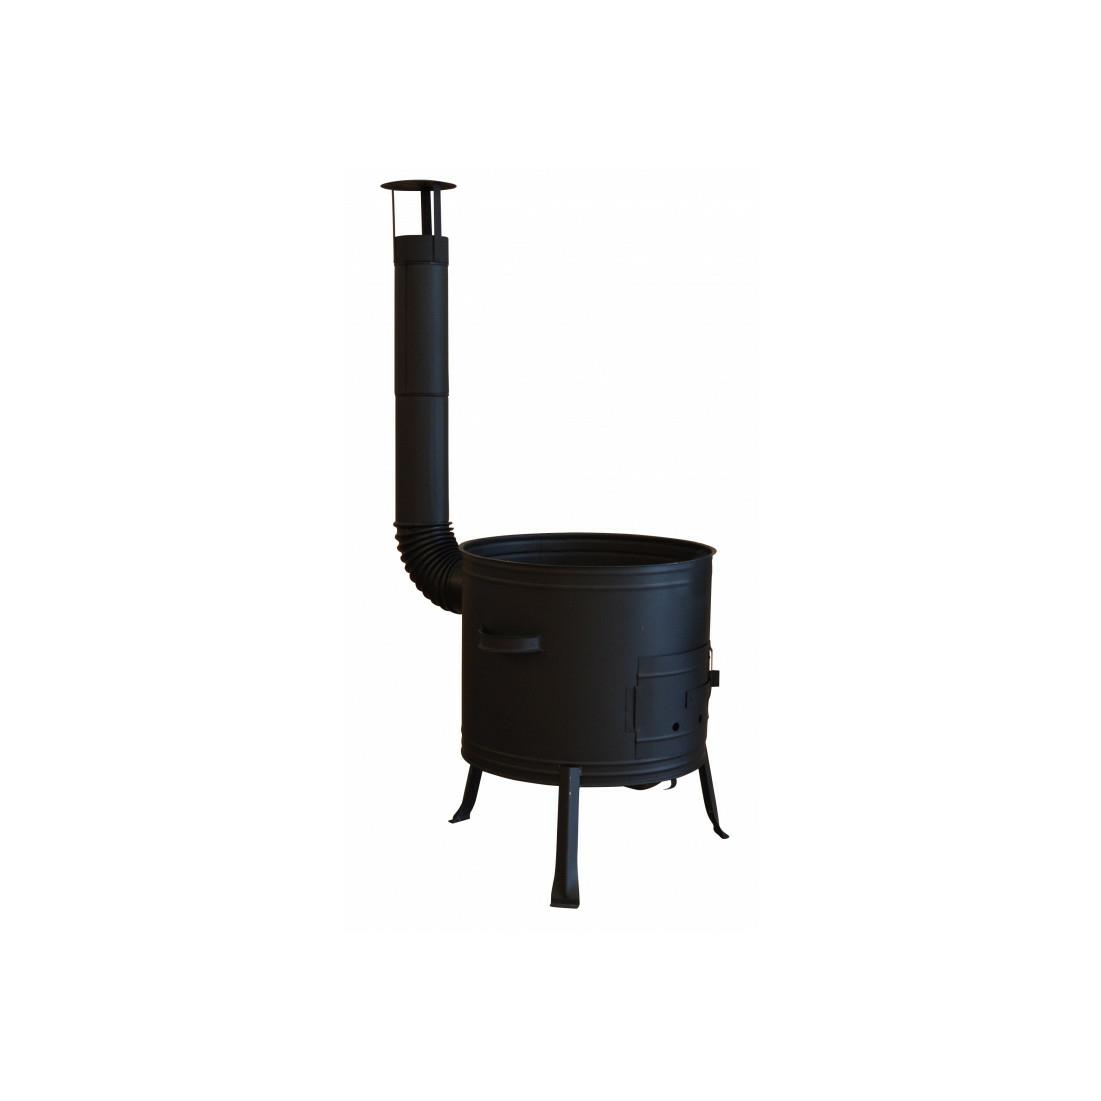 Bográcsház füstcsővel 31 cm